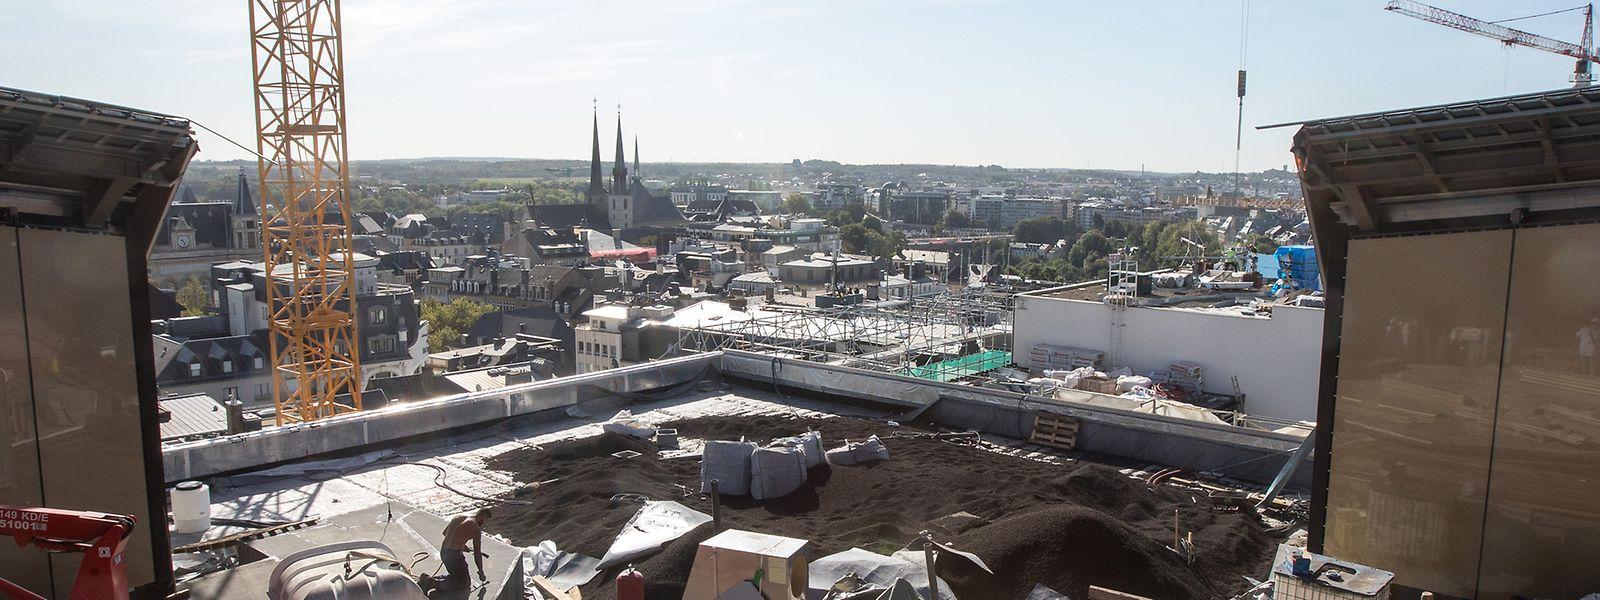 Un des atouts du site délaissé par Manko reste la vue dégagée sur la capitale.